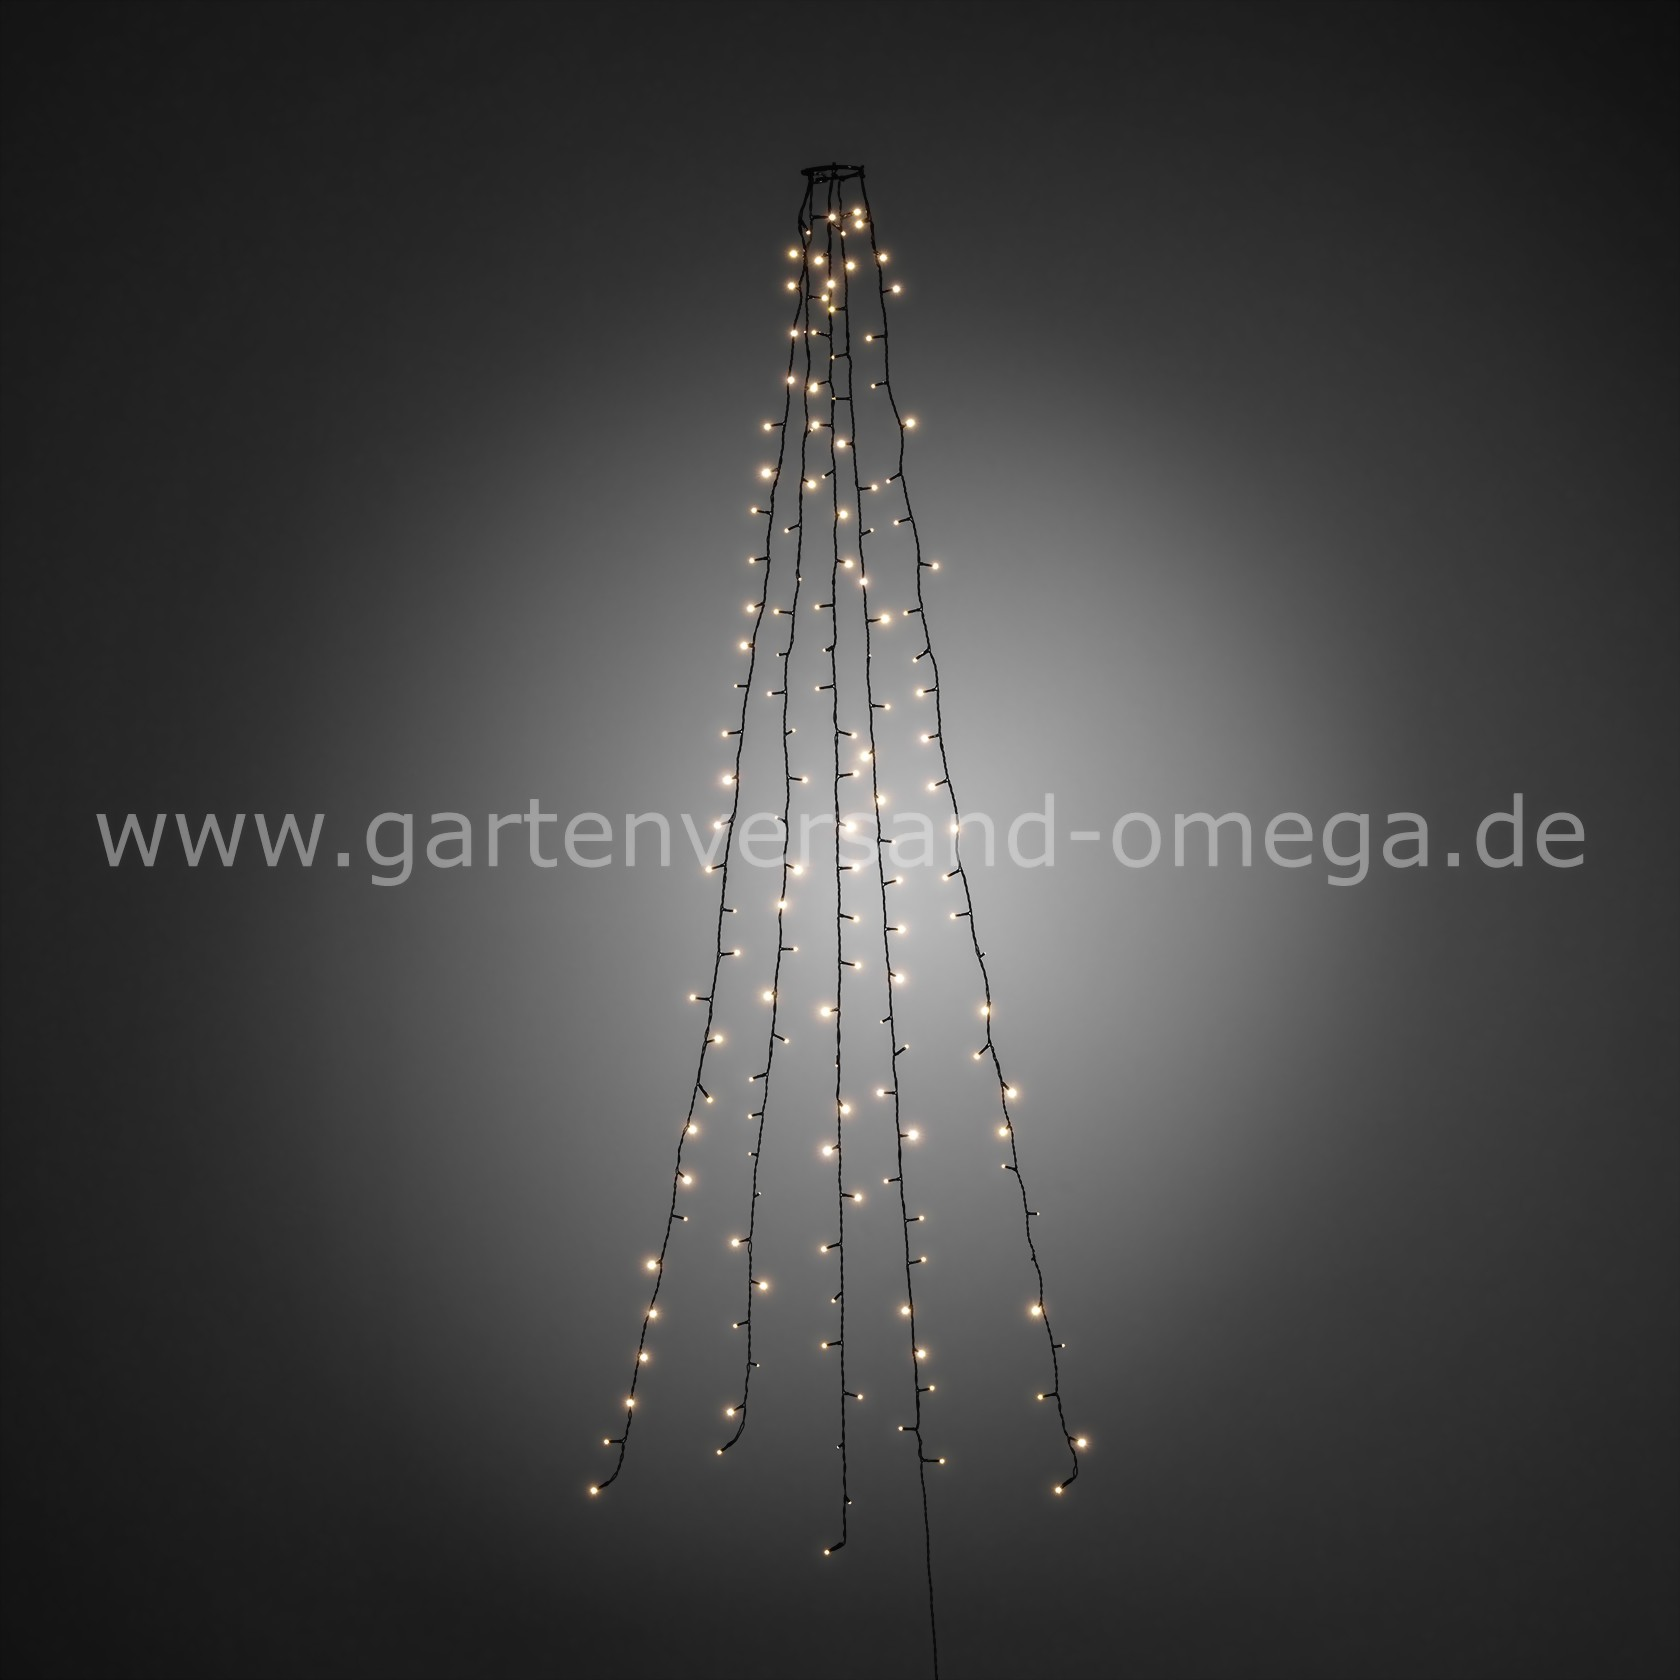 led baummantel lichterkette warm wei tannenbaumbeleuchtung baummantellichterkette schnell. Black Bedroom Furniture Sets. Home Design Ideas